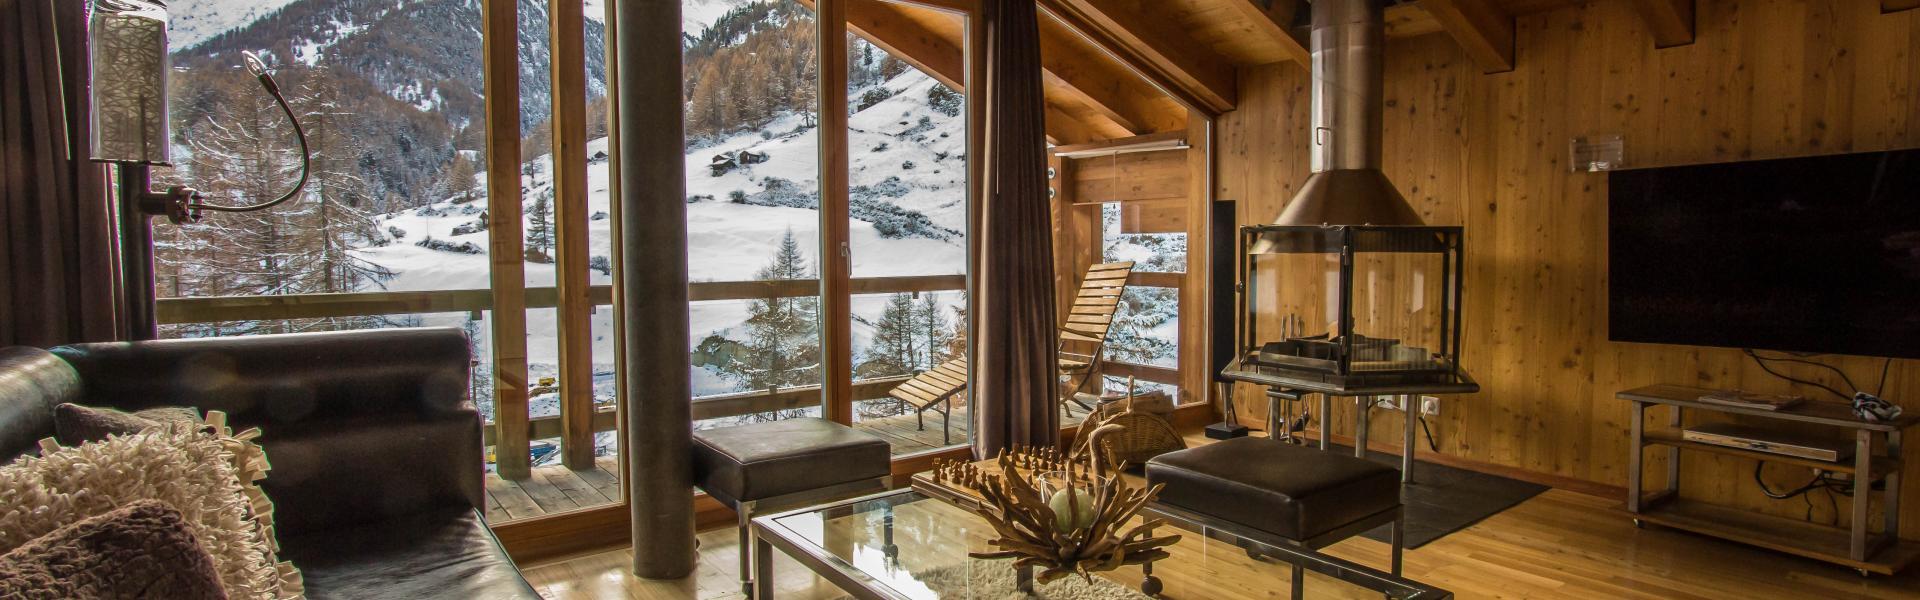 Skiing legend | Valais Switzerland